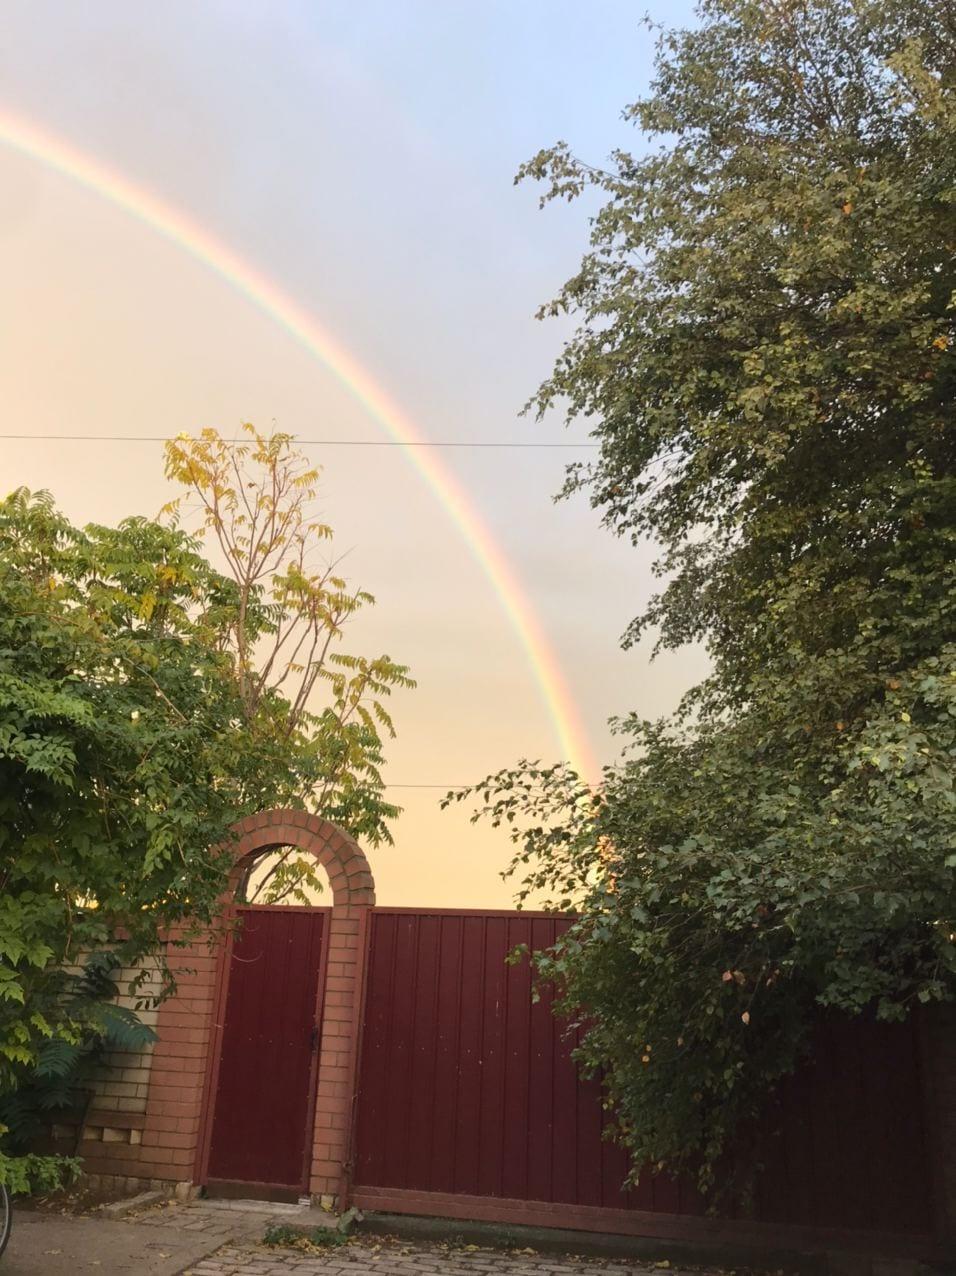 Настоящее чудо на Покрову: в Днепре огромная двойная радуга на все небо (Фото)